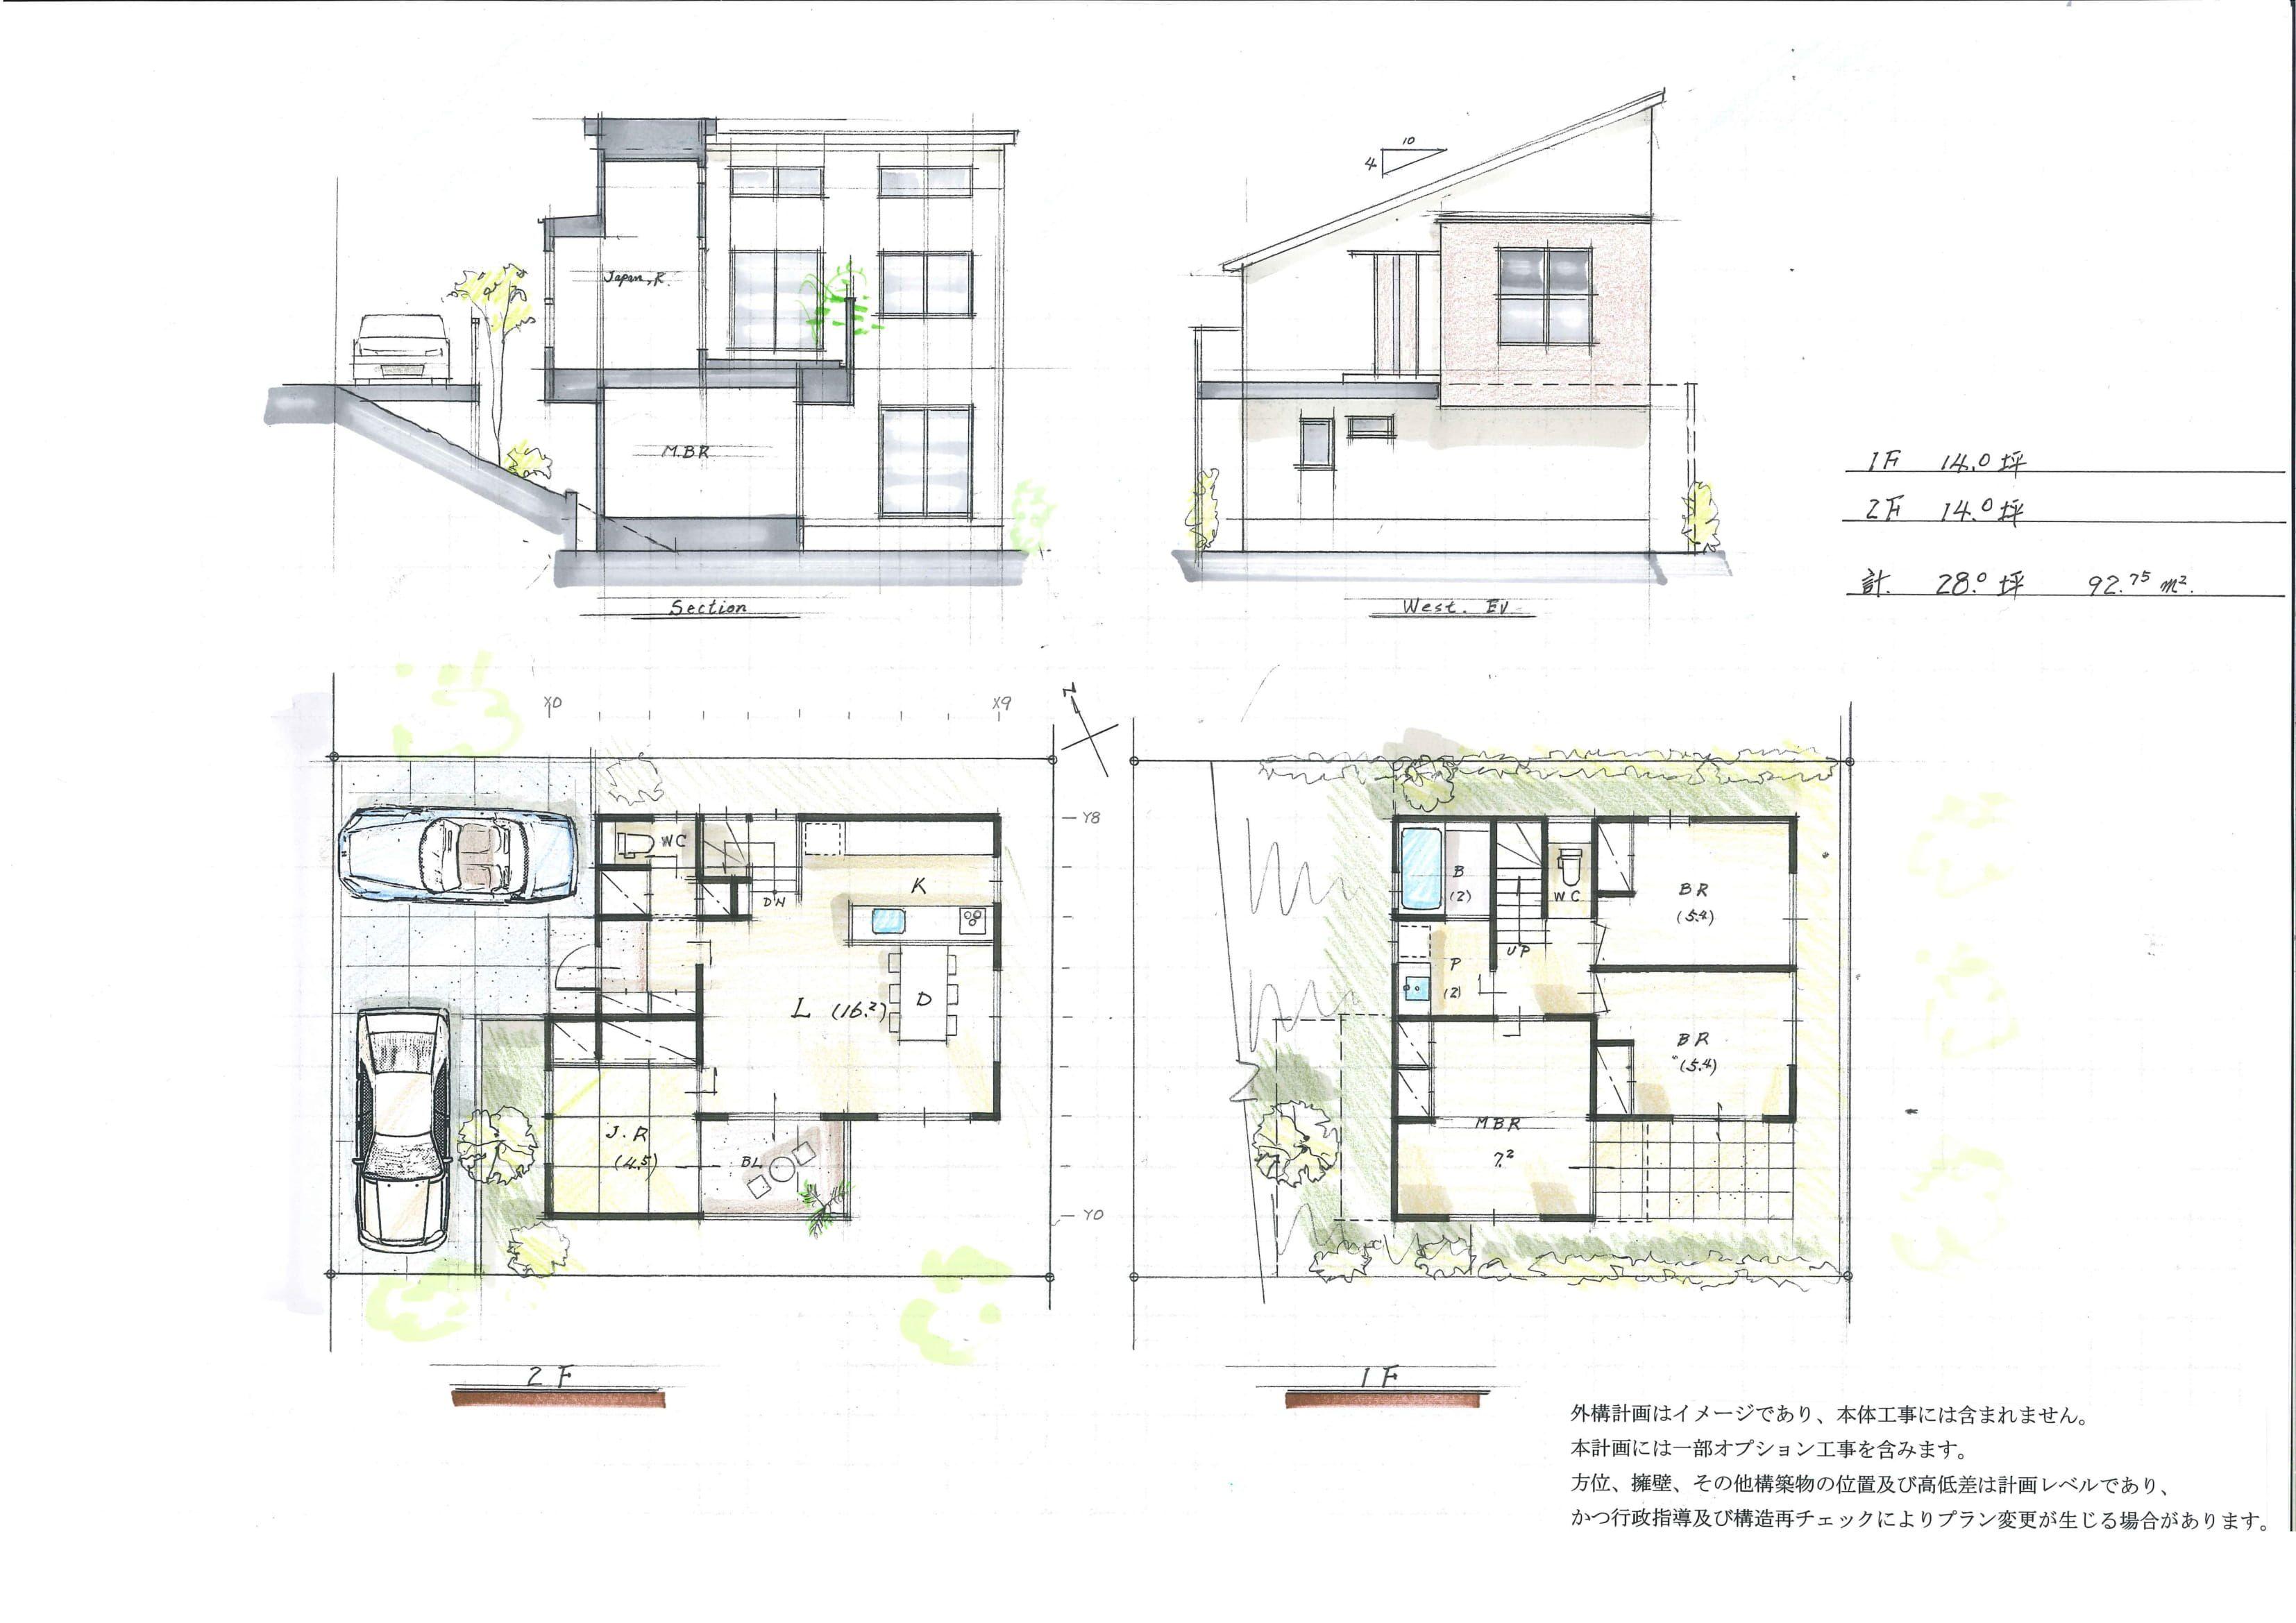 27坪 道路下のプラン 新築 新築一戸建て 注文住宅 マイ